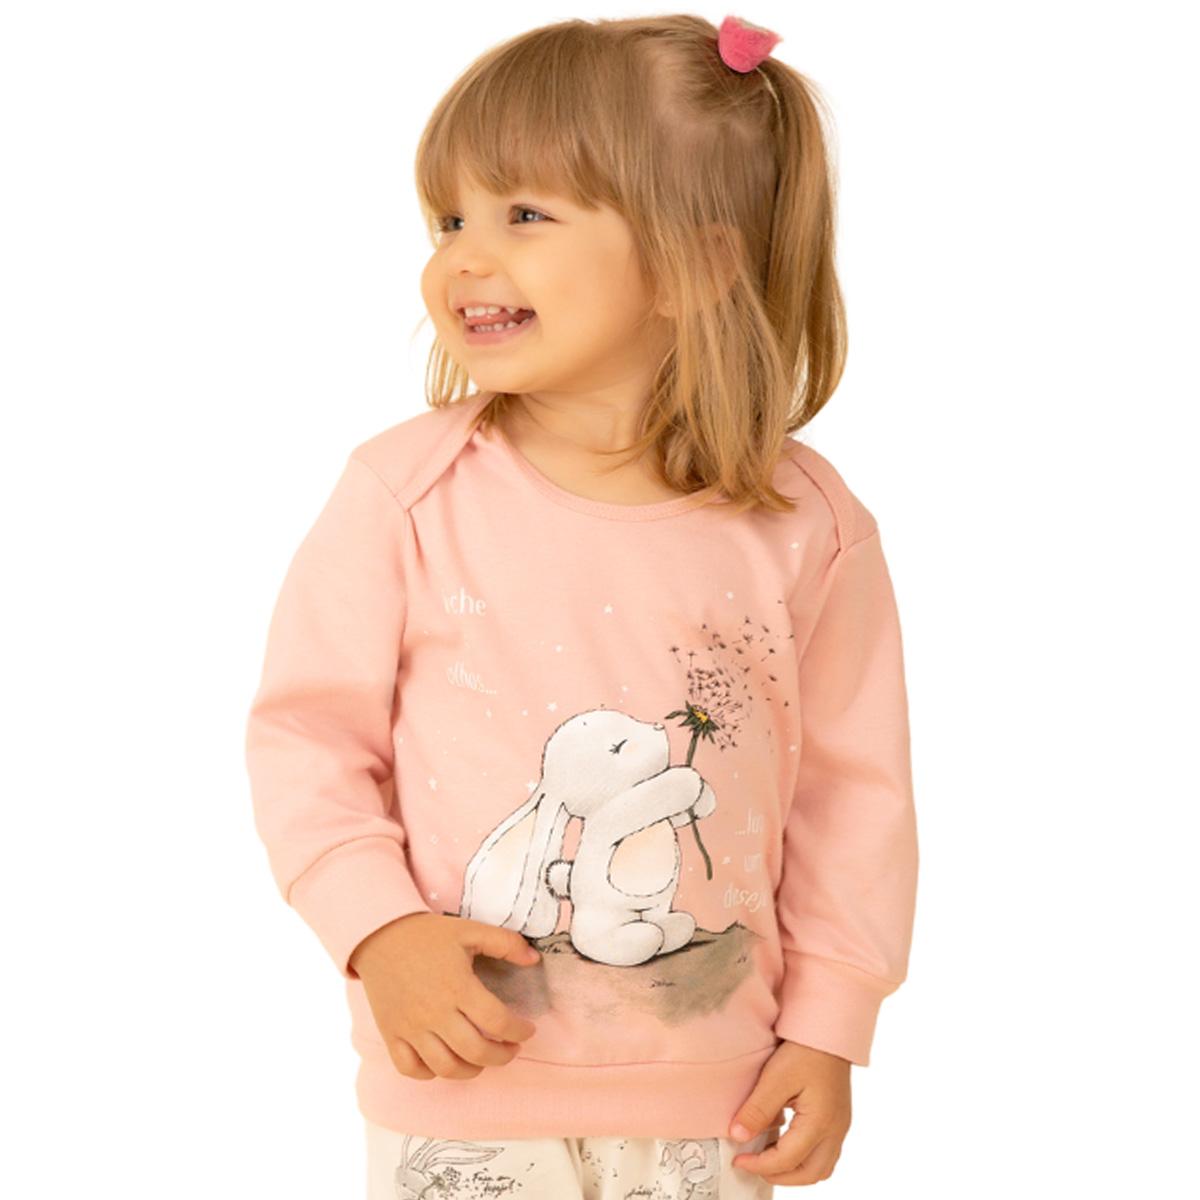 Pijama bebê menina rosa bichinho coelho filha algodão